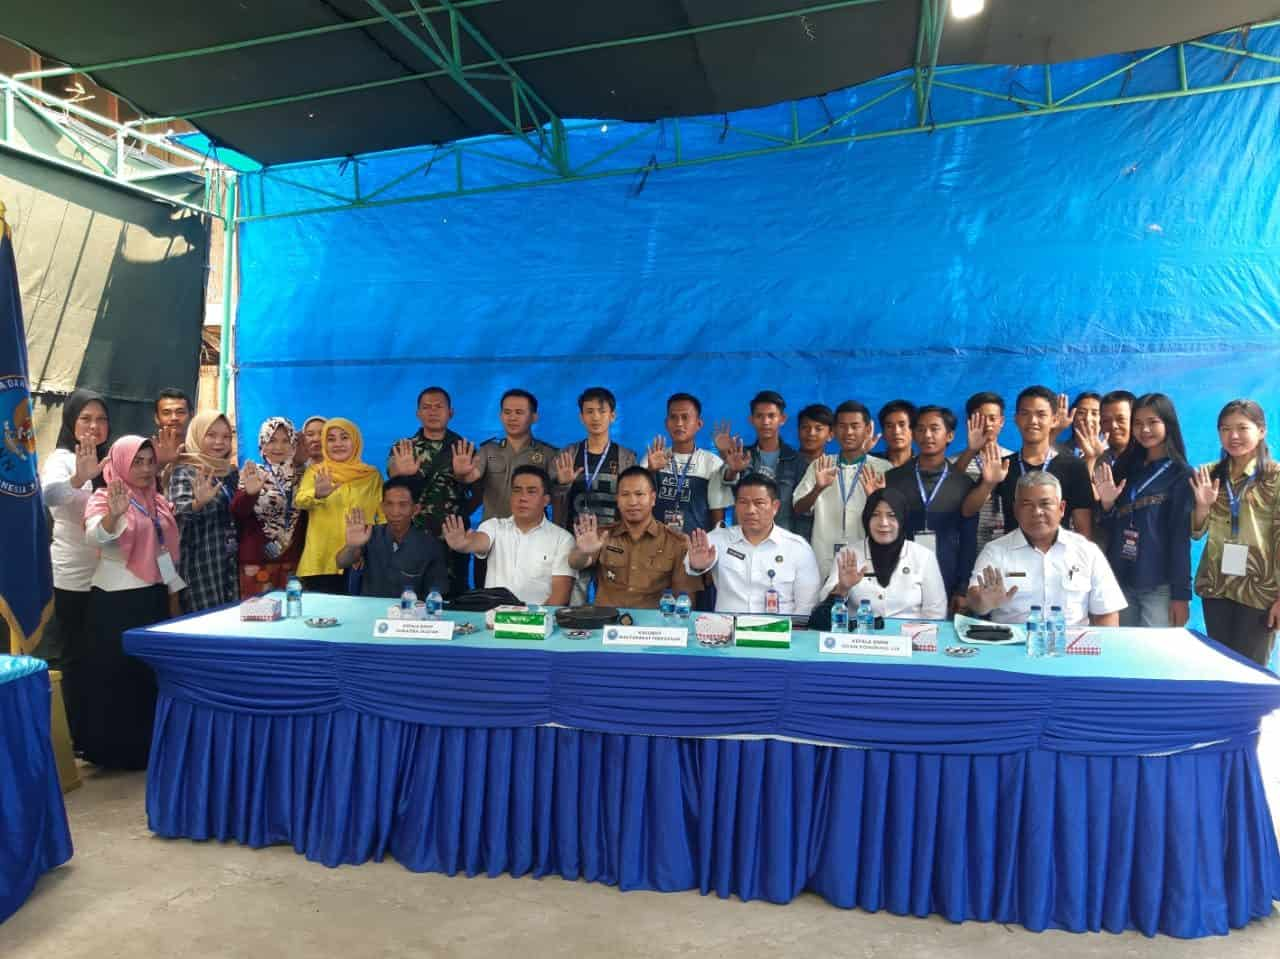 Direktorat Pemberdayaan Alternatif melalui pengembangan wirausaha Bagi Masyarakat Kawasan Rawan Narkoba di Desa Ulak Jermun, Kab OKI, Sumatera Selatan